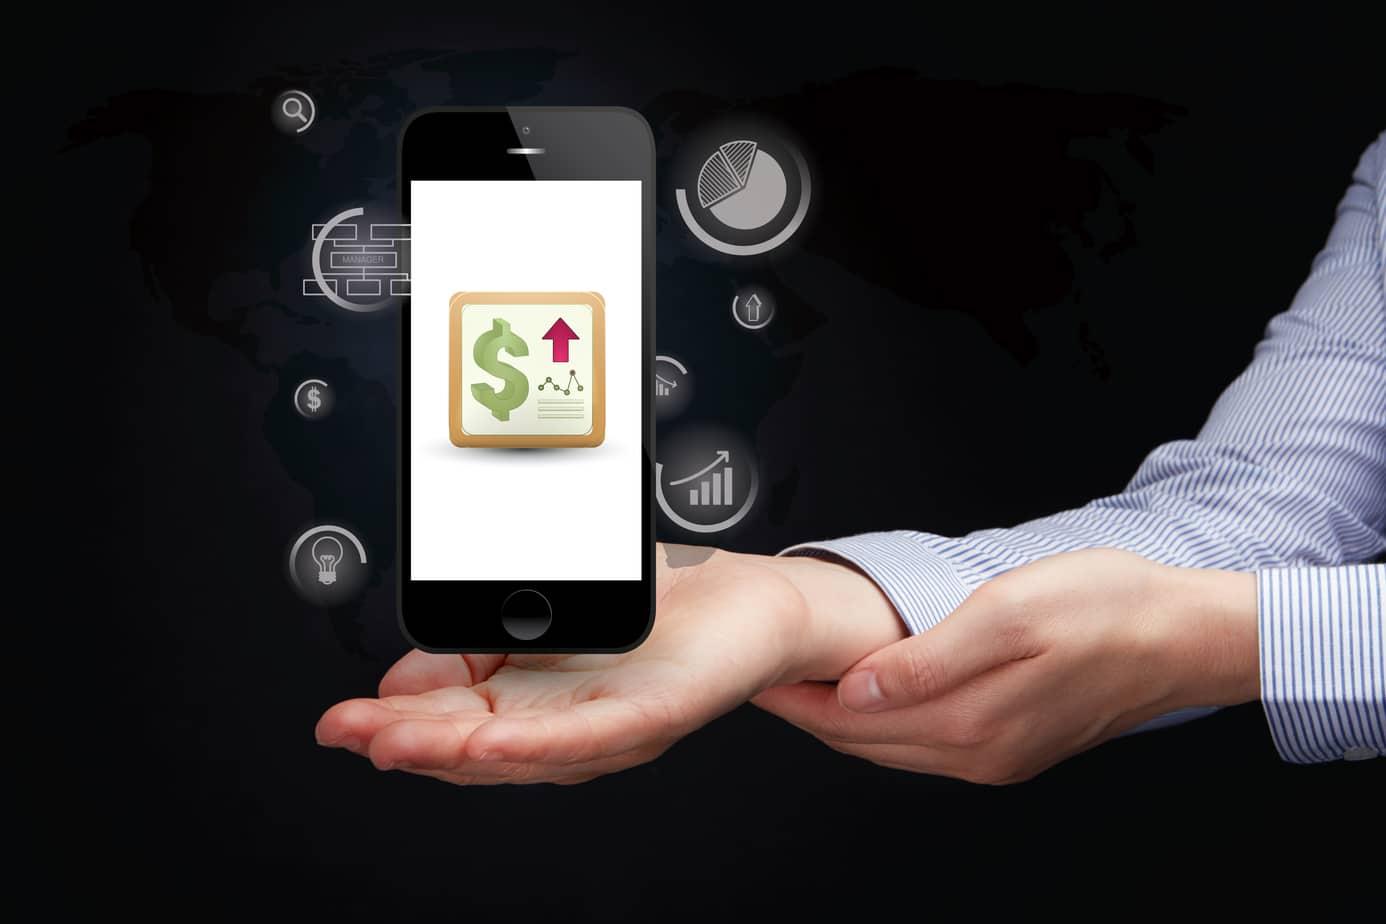 webull trading app